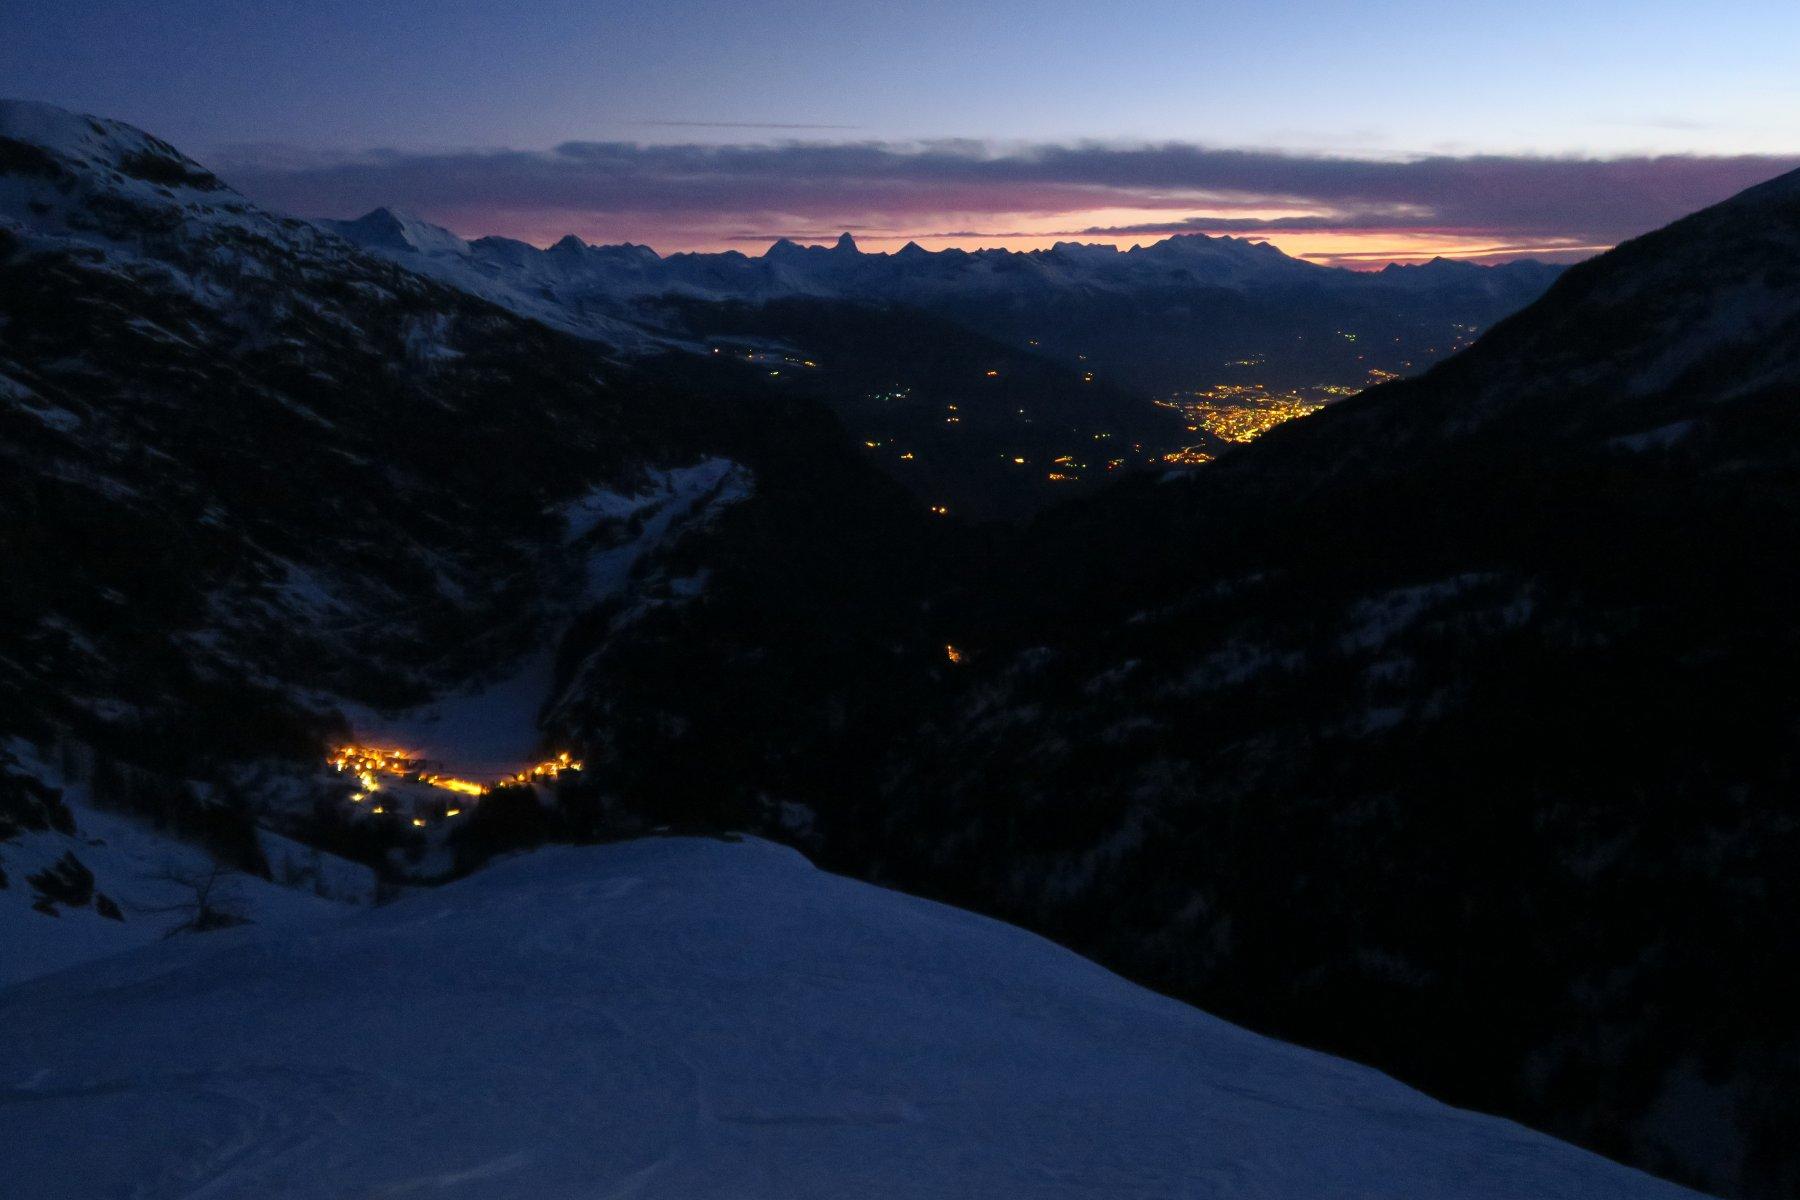 le luci del villaggio di Planaval e più lontano quelle di Aosta